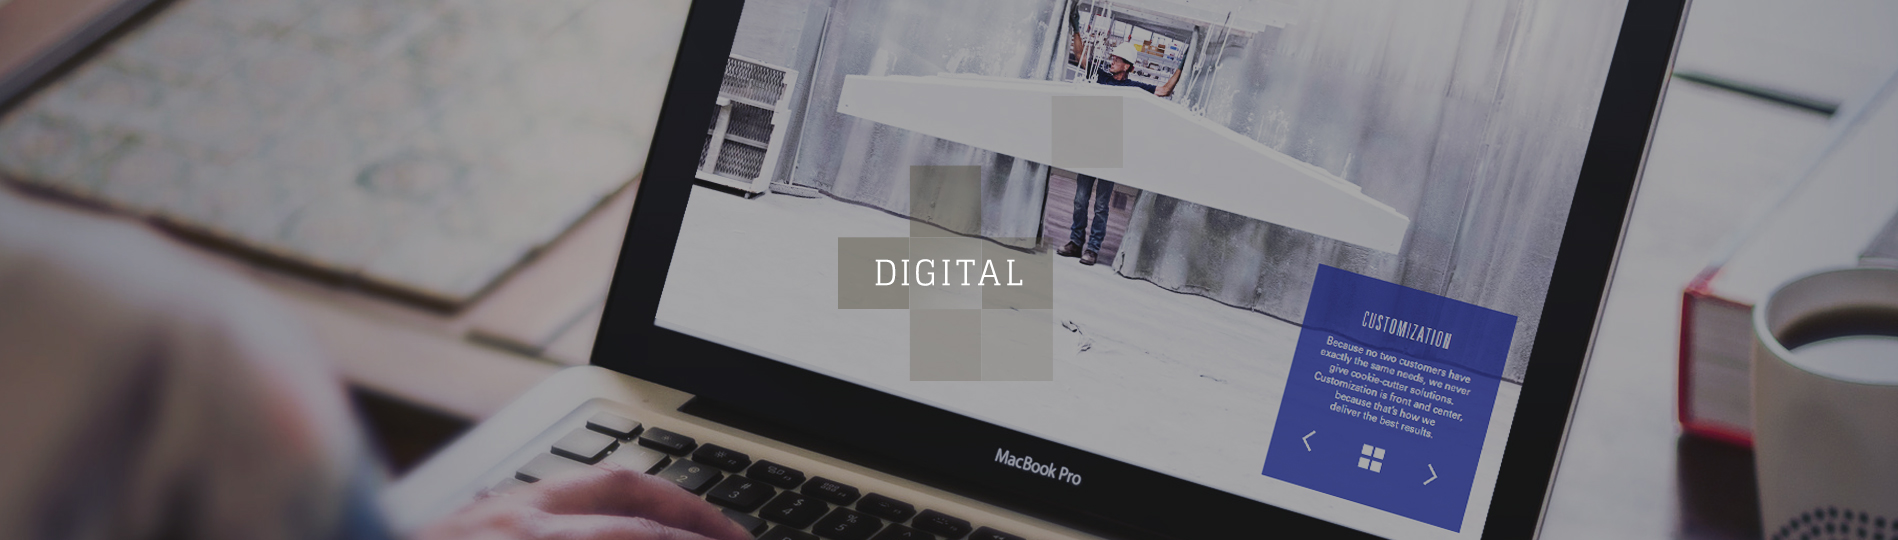 Capabilities_Digital.jpg